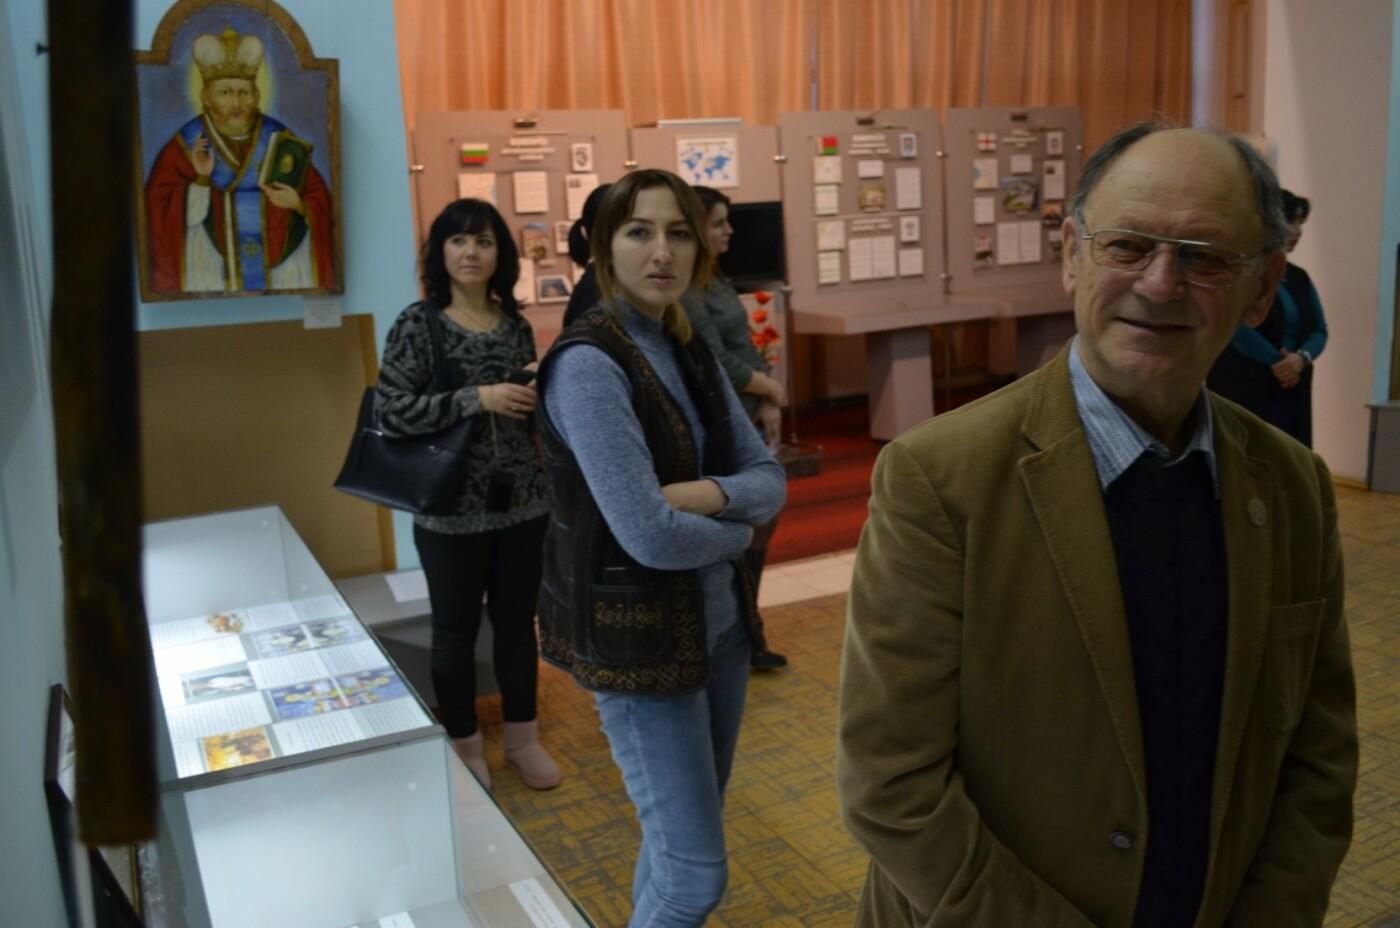 В мелитопольском музее открылась выставка икон Святого Николая, - ФОТО, фото-1